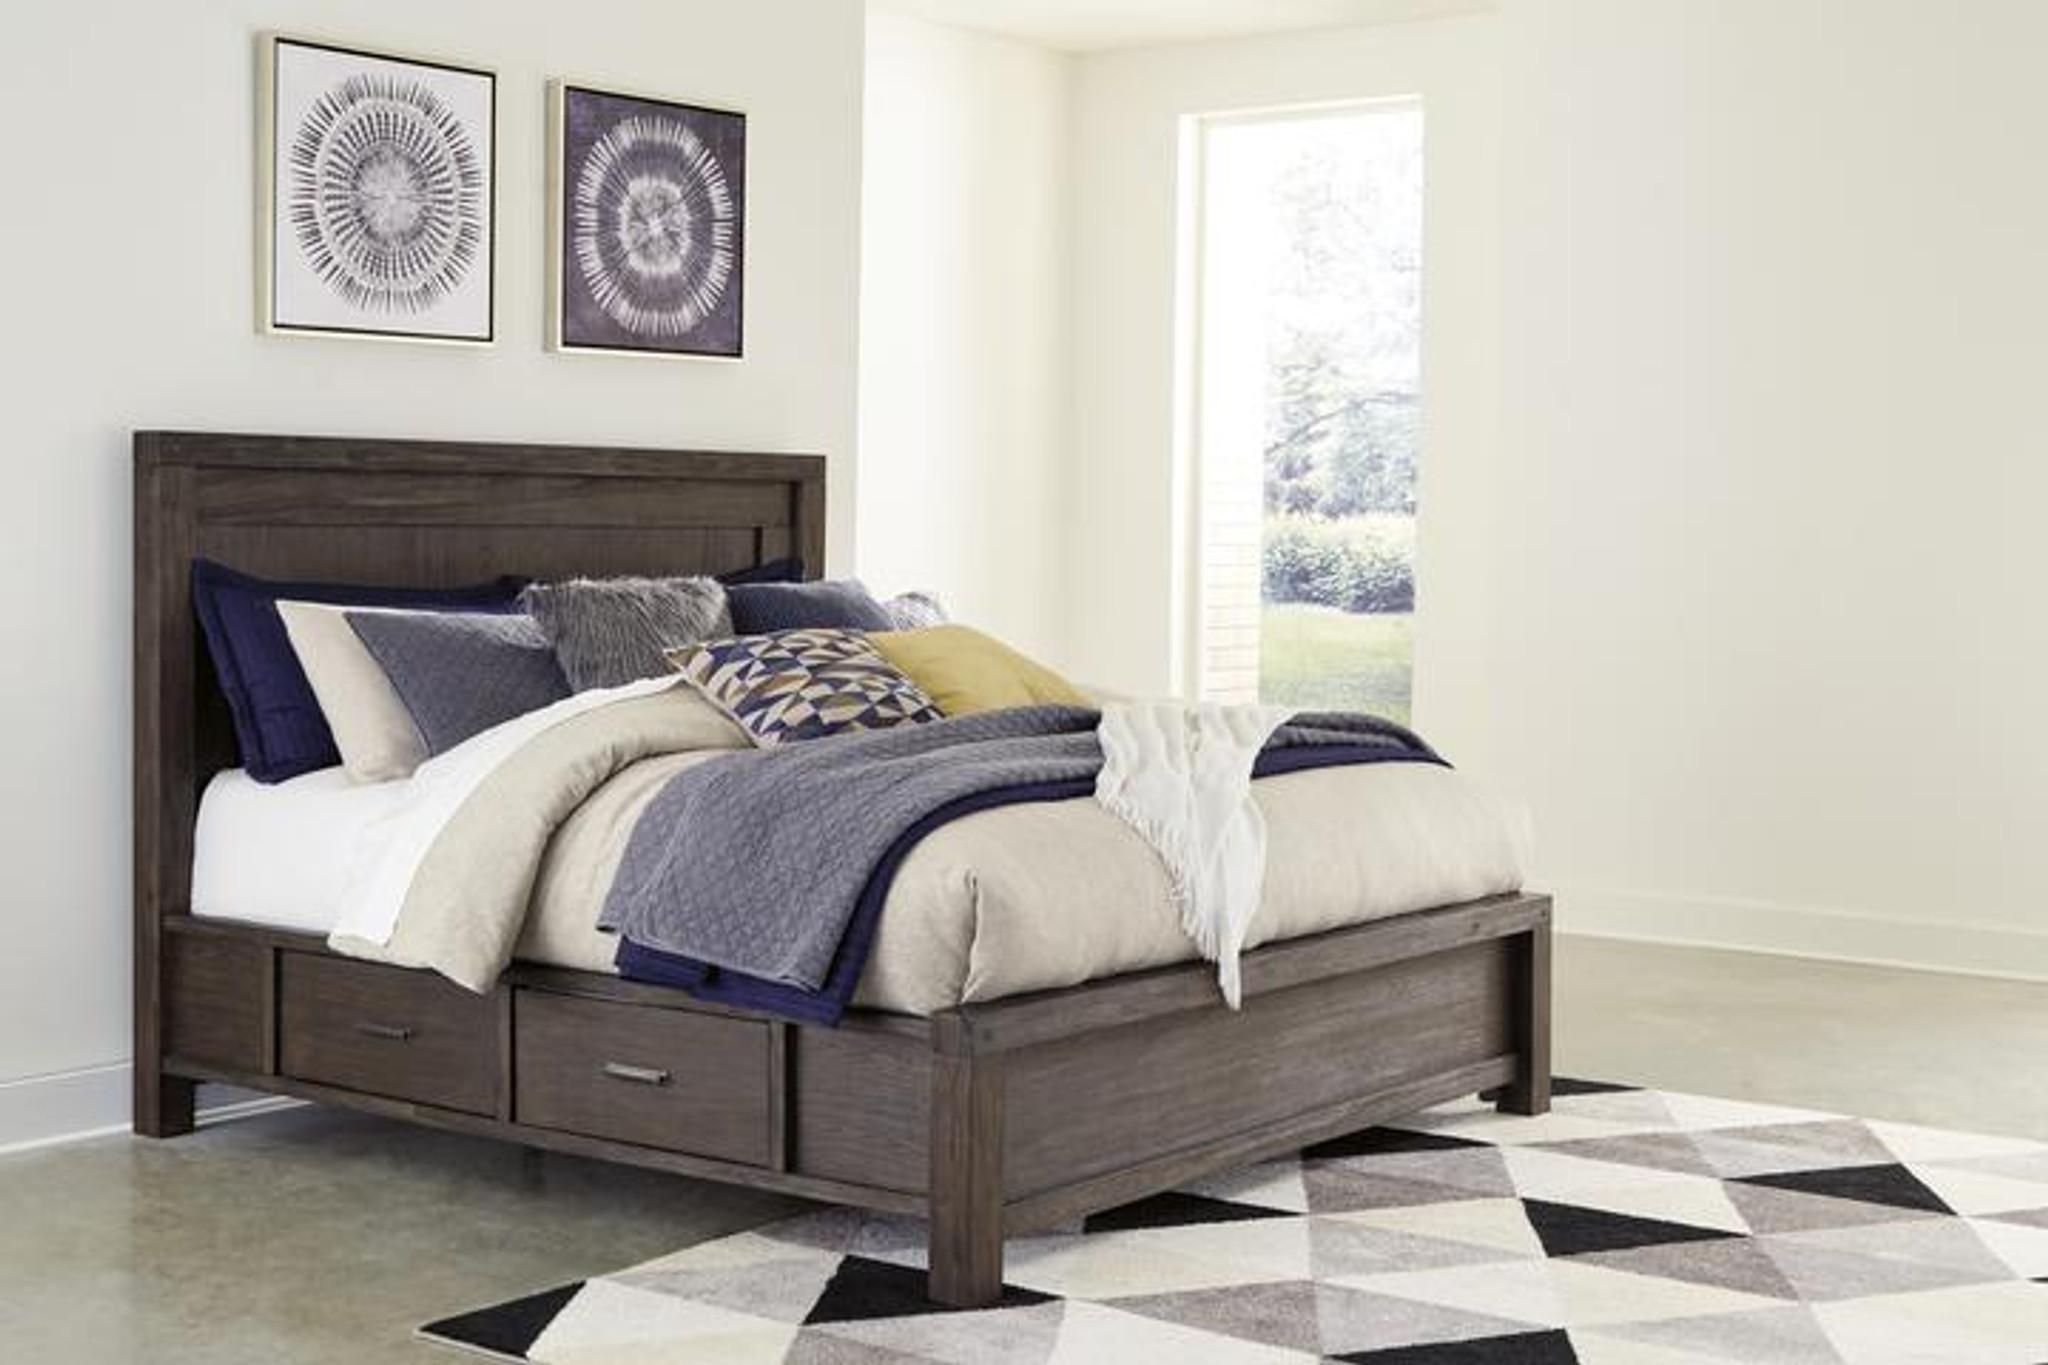 6 Pc Dellbeck Dark Brown Storage Platform Bedroom Set By Km Home Furniture Houston Texas